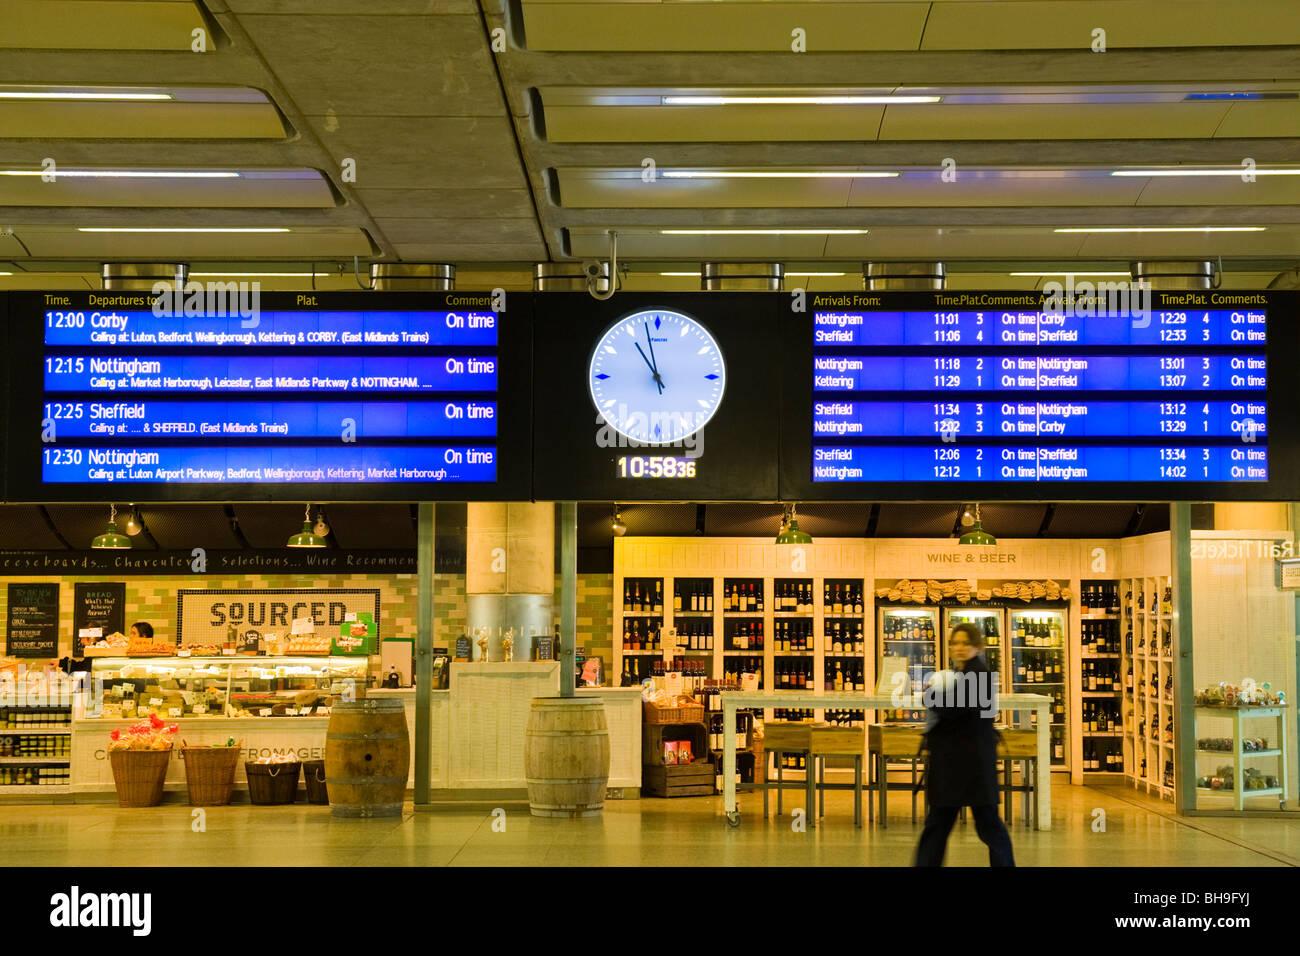 London St Pancras Station in partenza e arrivo volte bacheca o firmare con l'analogico e digitale orologi di Immagini Stock